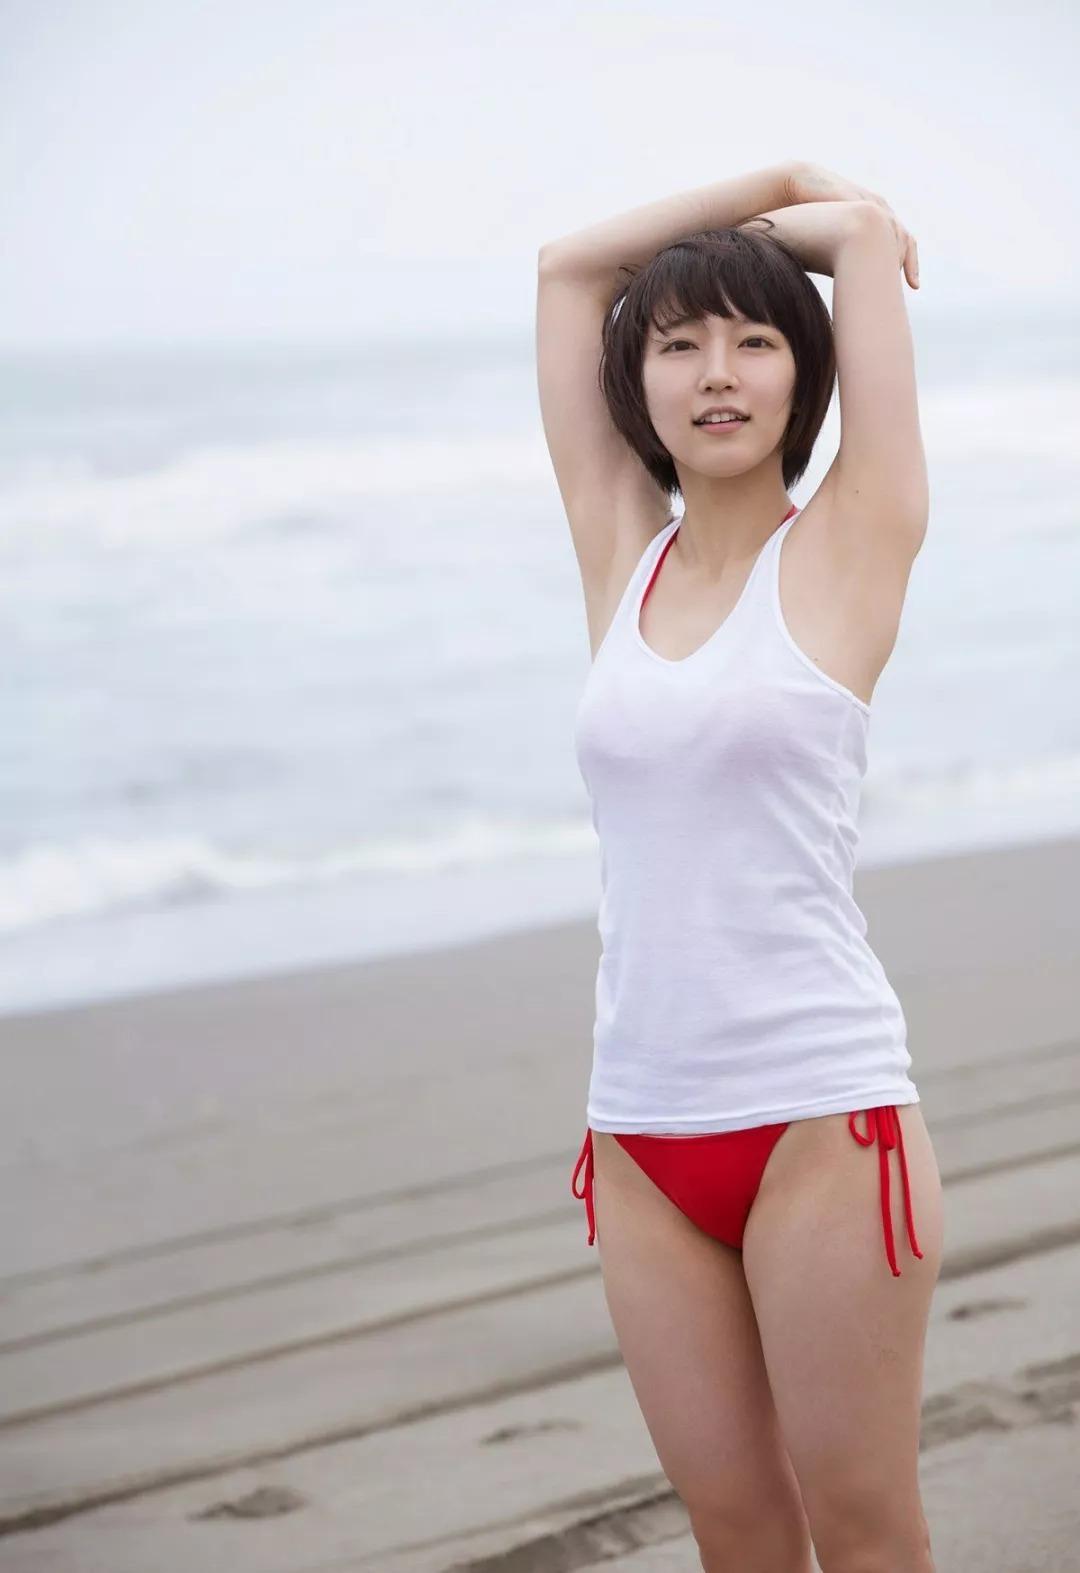 治愈系魔性之女吉冈里帆写真作品 (74)